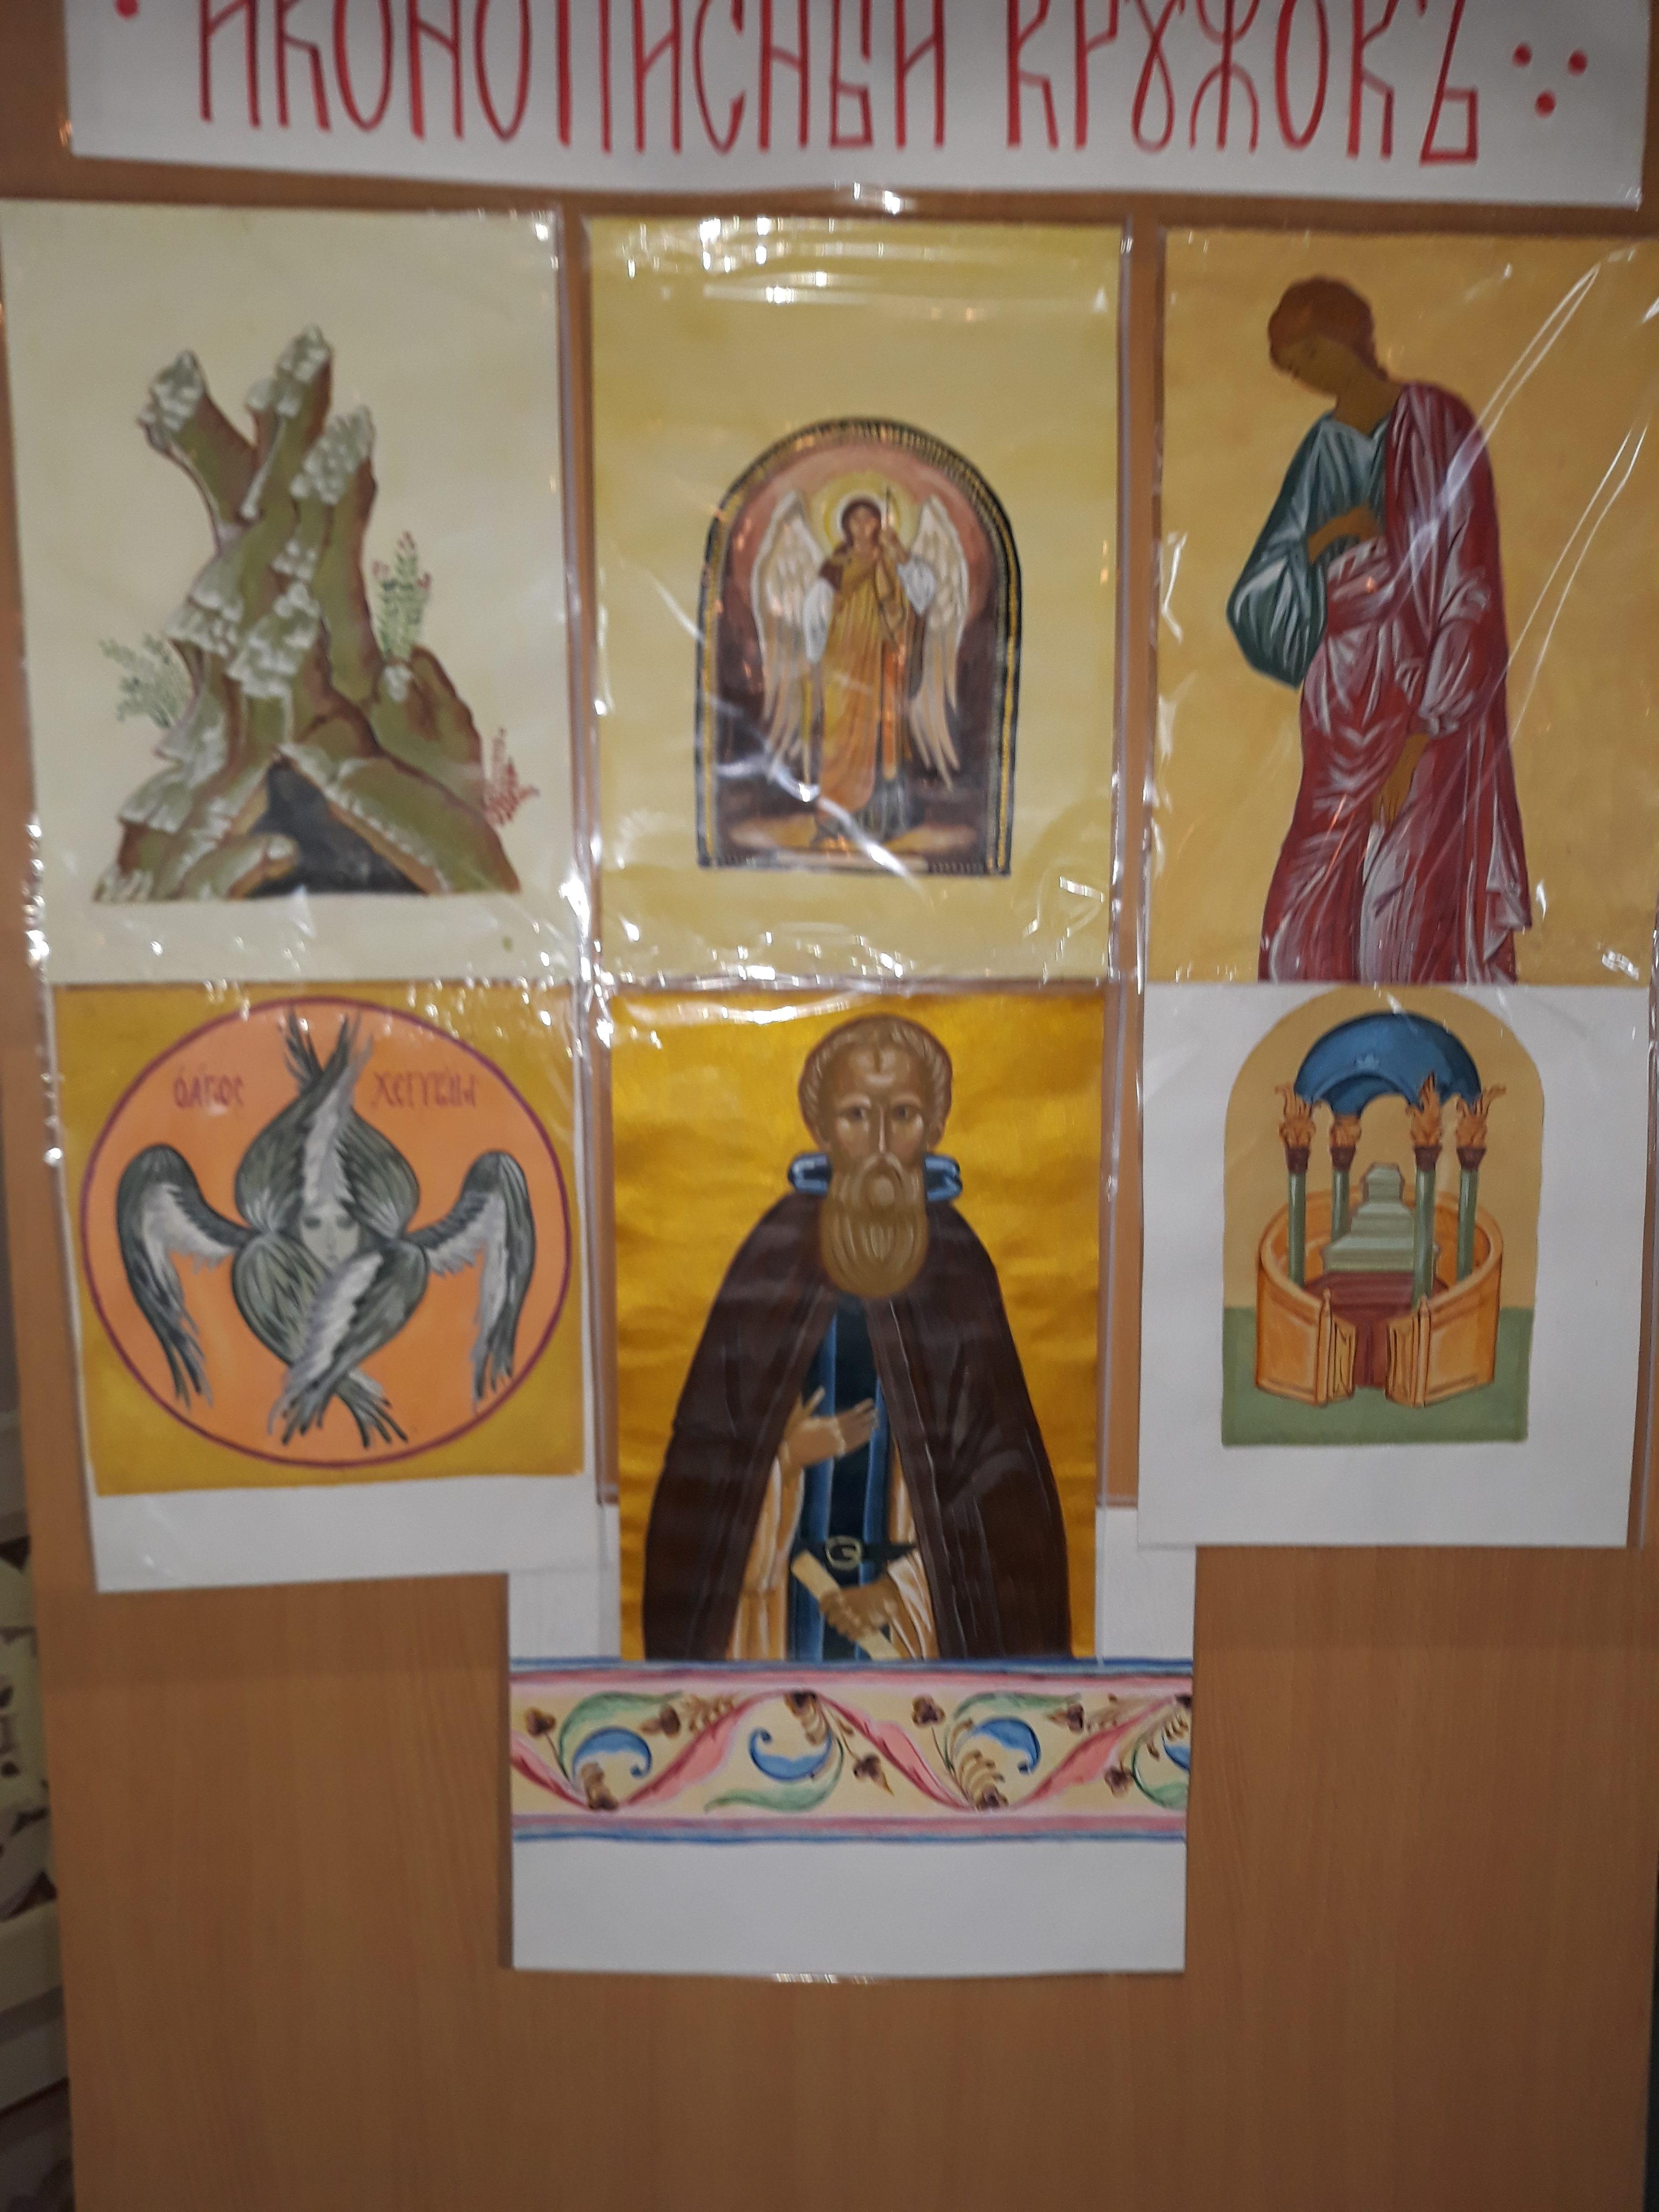 Выставка работ приходского иконописного кружка